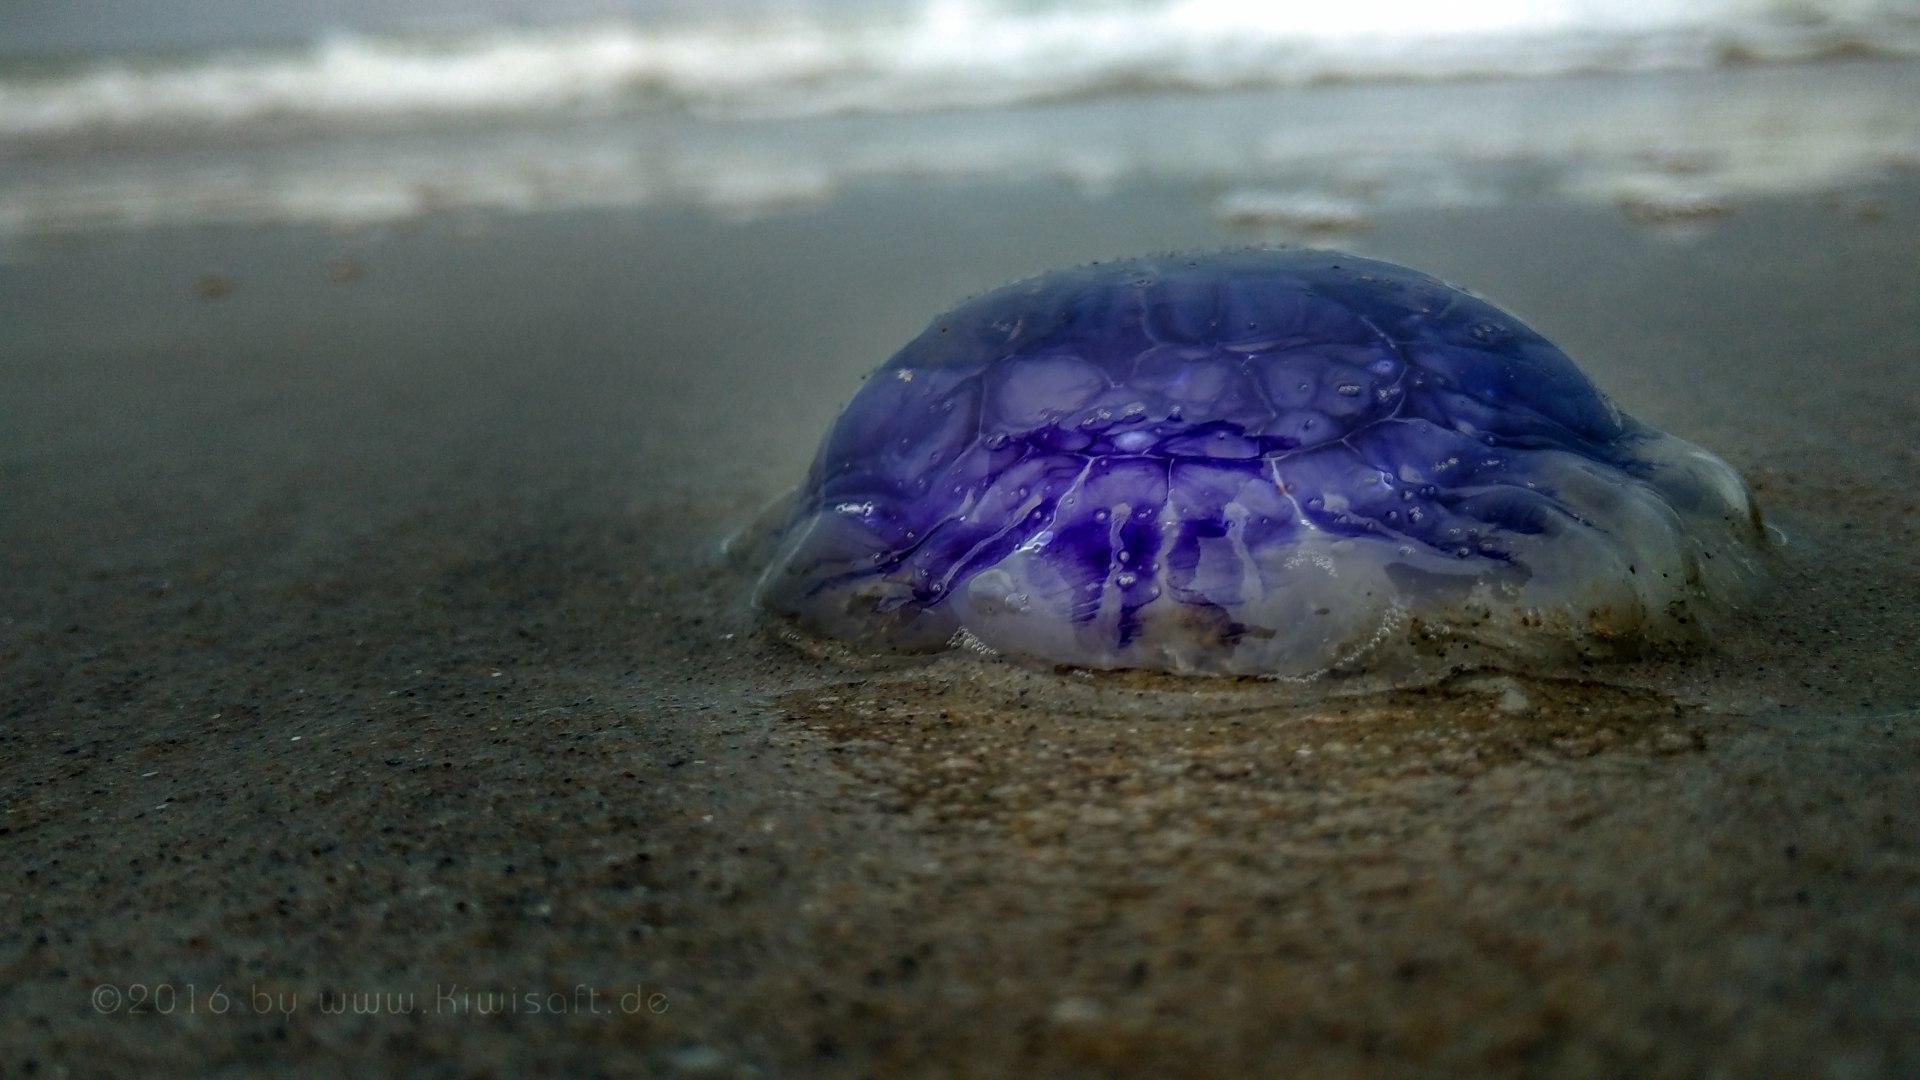 purple jelly 125915 by Kiwisaft.de